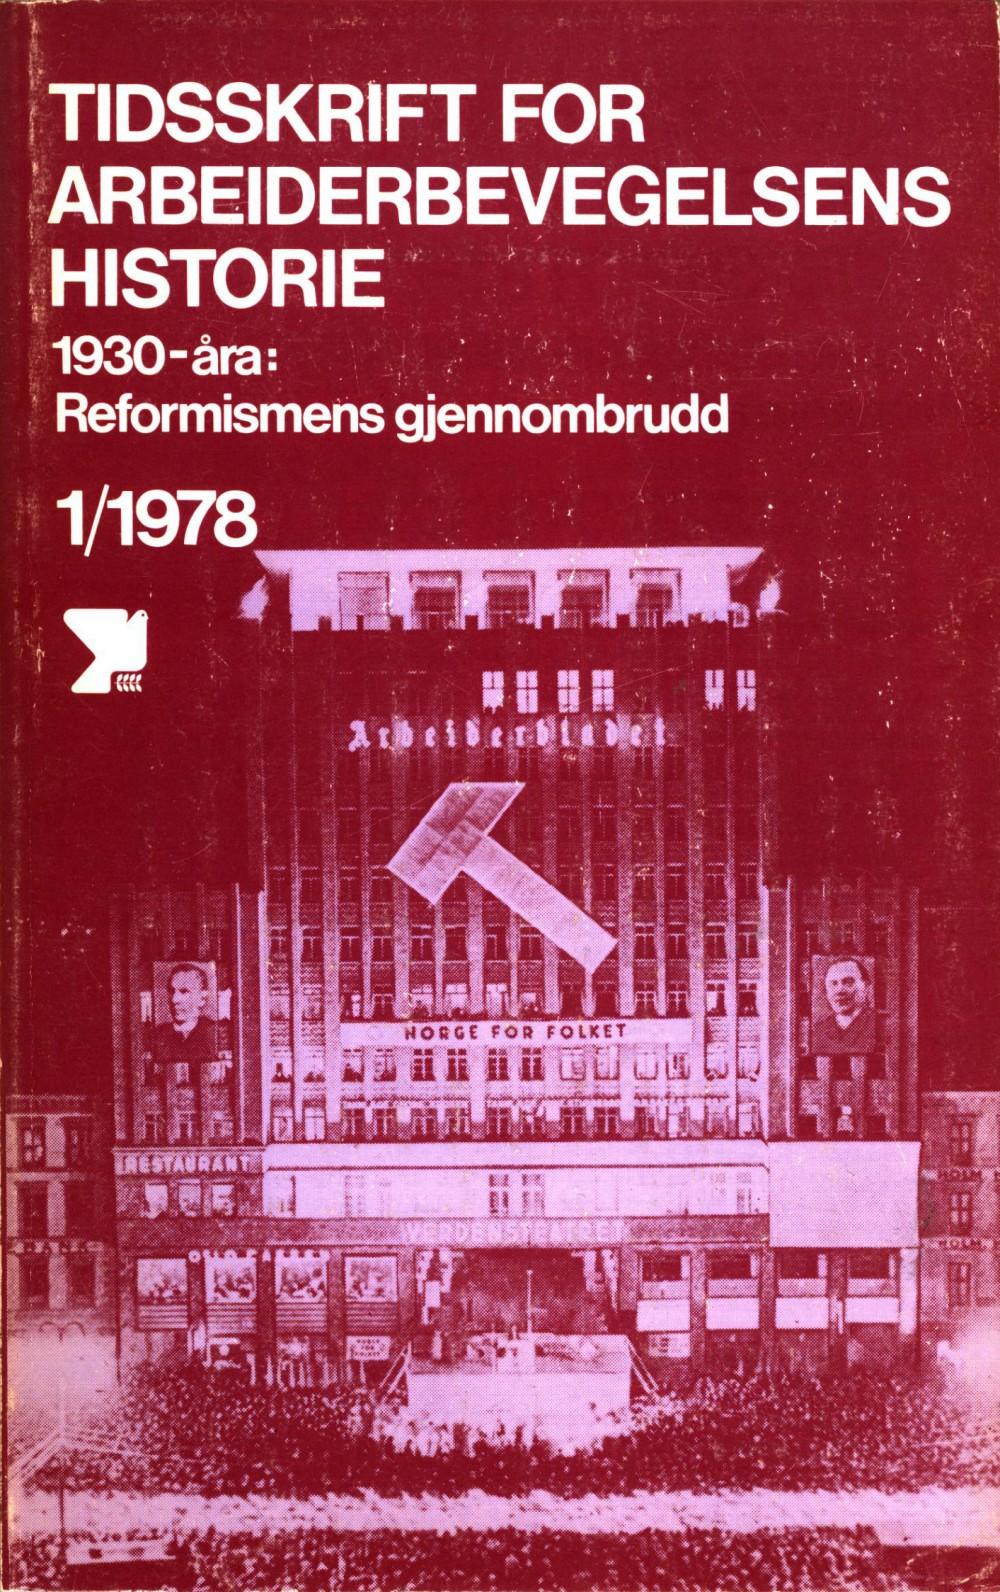 Tidsskrift for arbeiderbevegelsens historie - nr. 1 1978